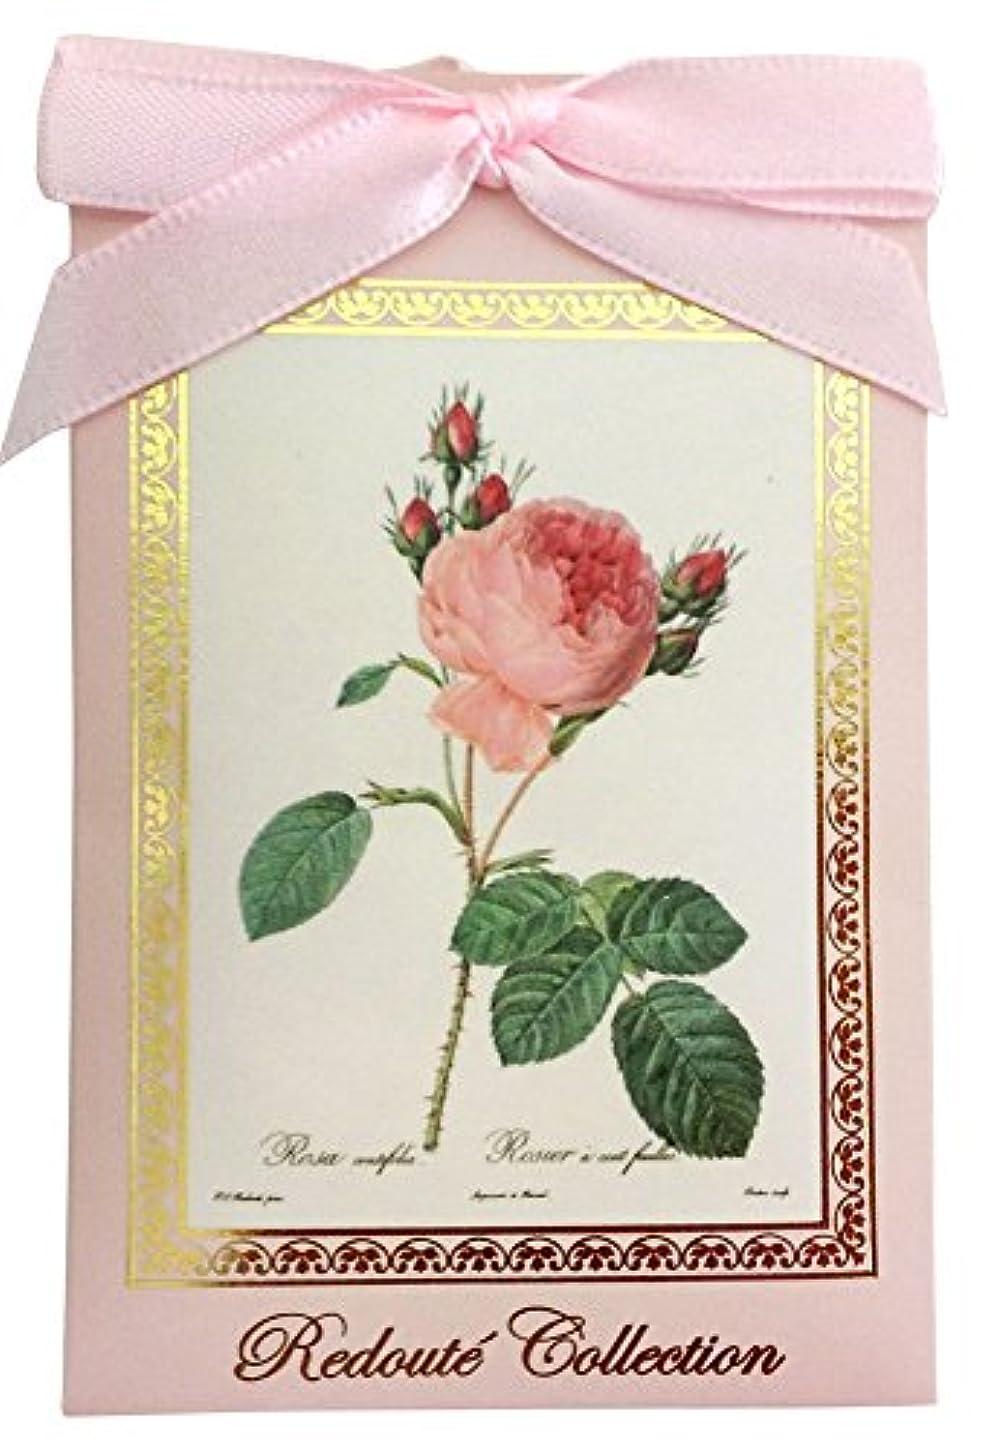 言い直すコークスの慈悲でカメヤマキャンドルハウス ルドゥーテ サシェ スイートローズの香り 芳香期間約1ヶ月